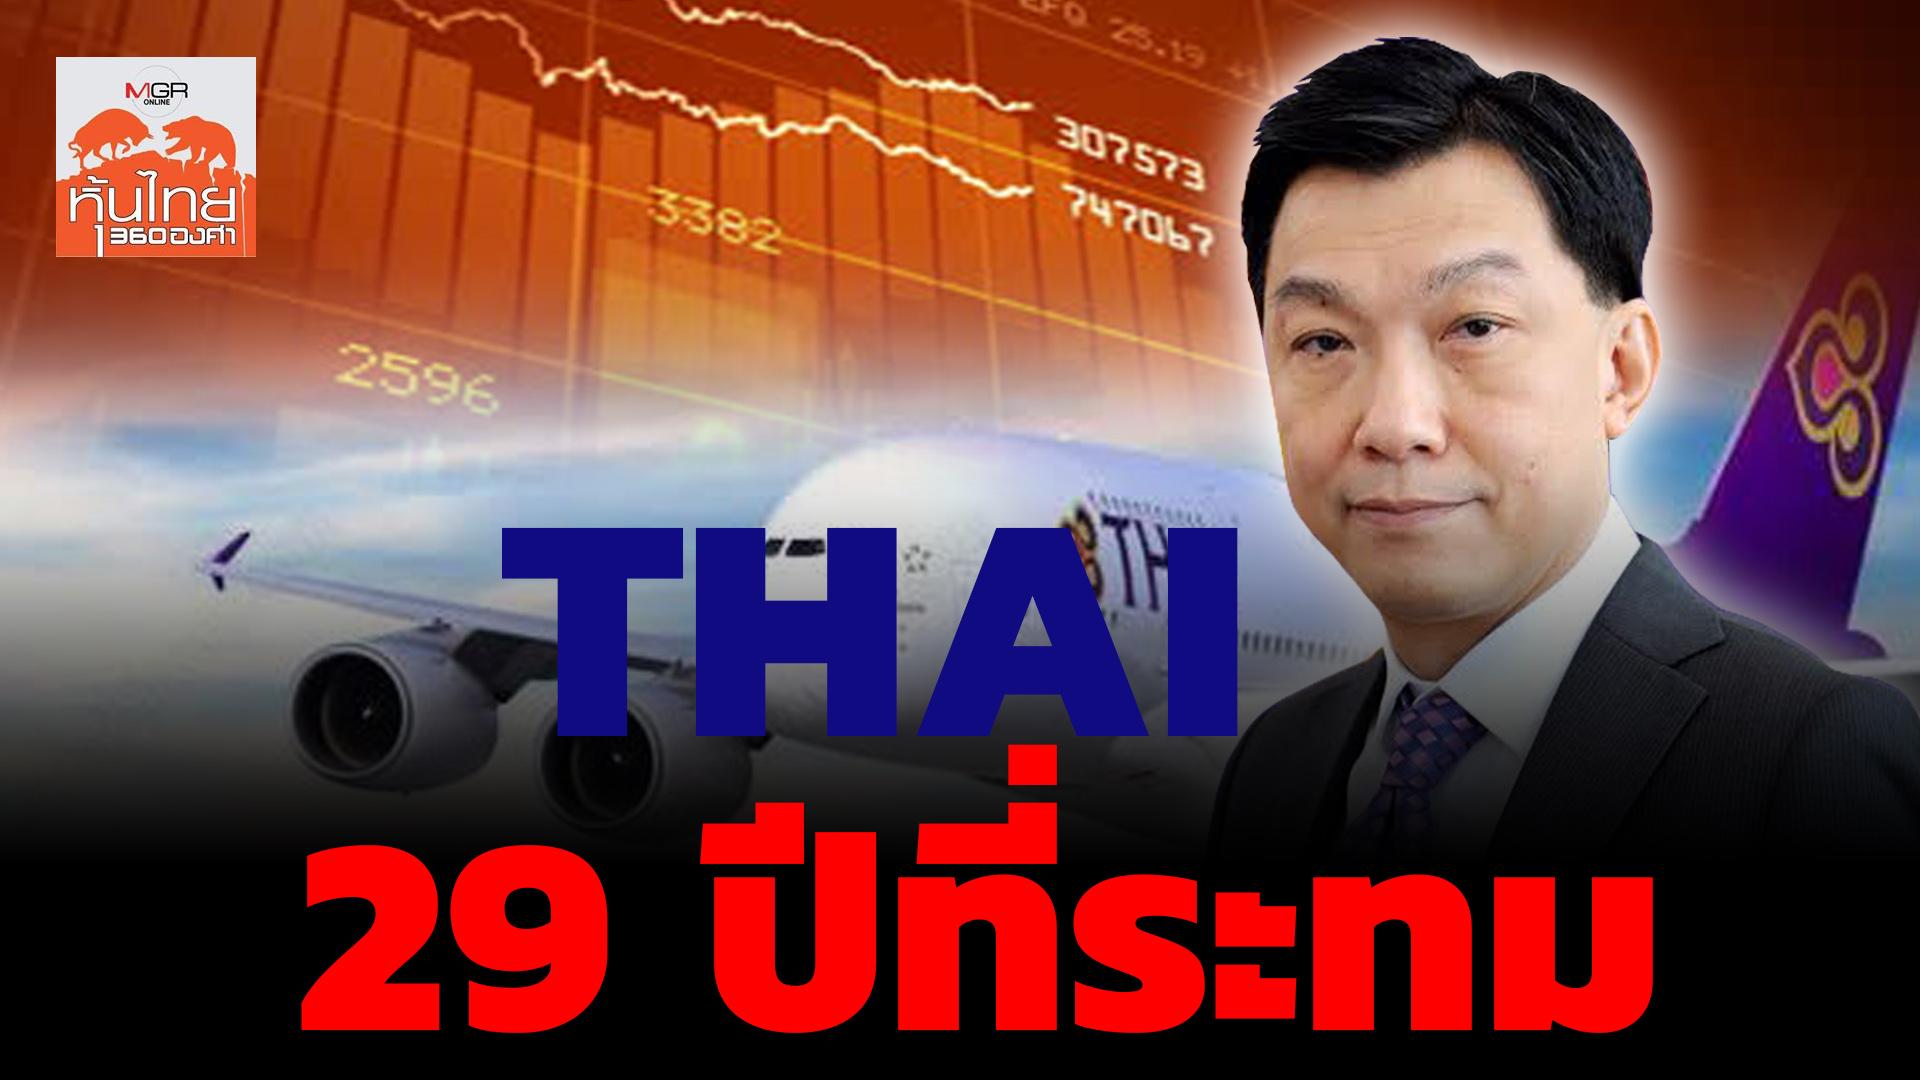 29 ปีที่ระทมของหุ้น THAI / สุนันท์ ศรีจันทรา